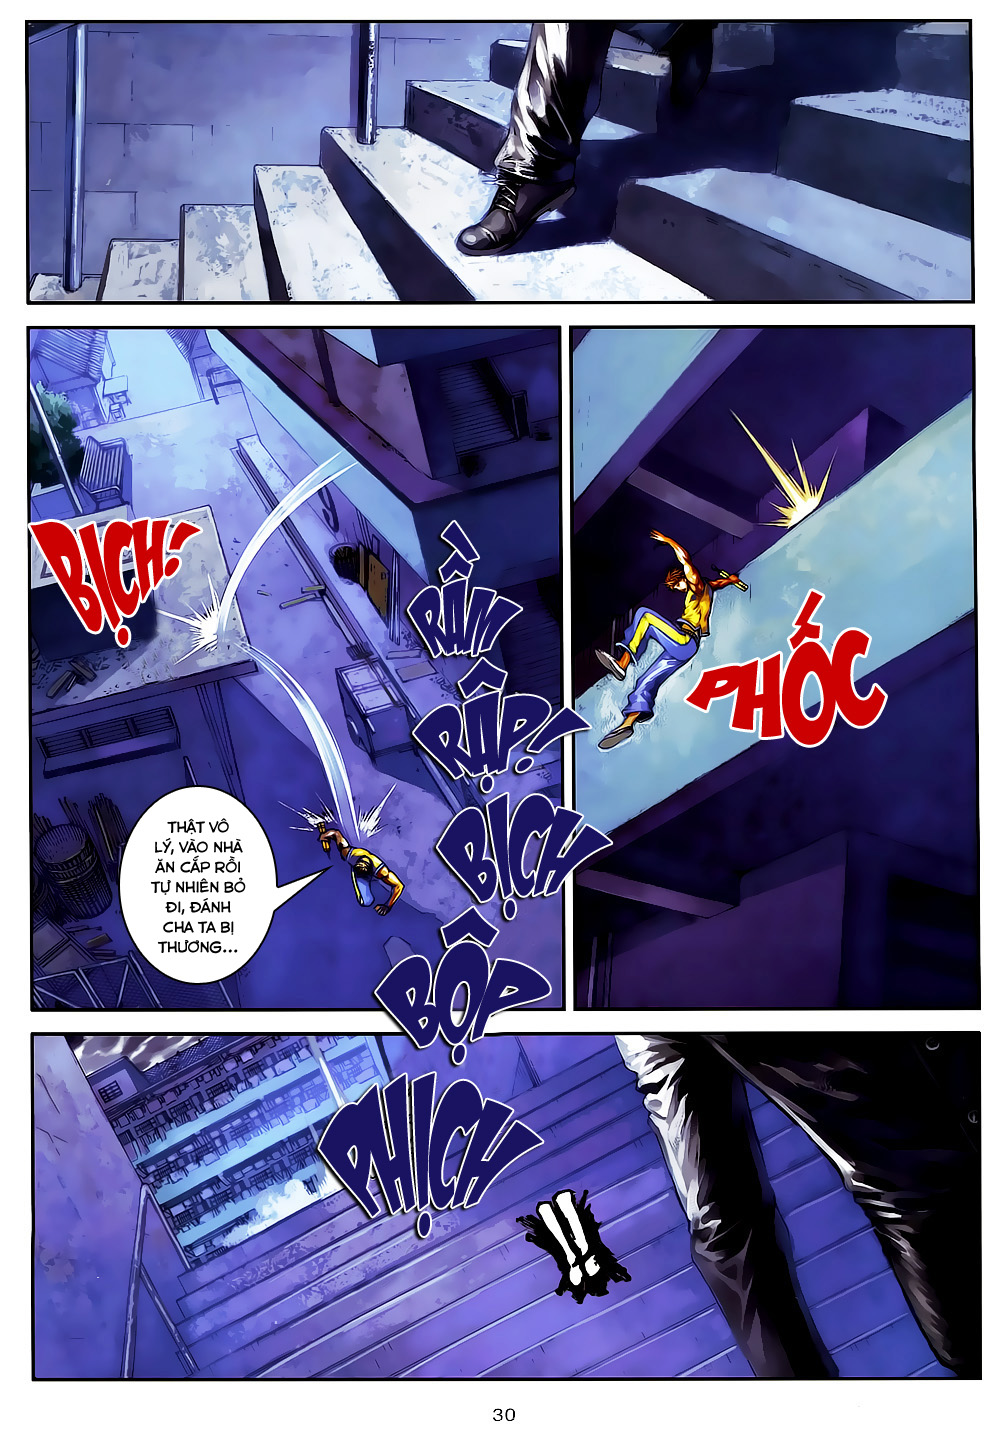 Quyền Đạo chapter 4 trang 30